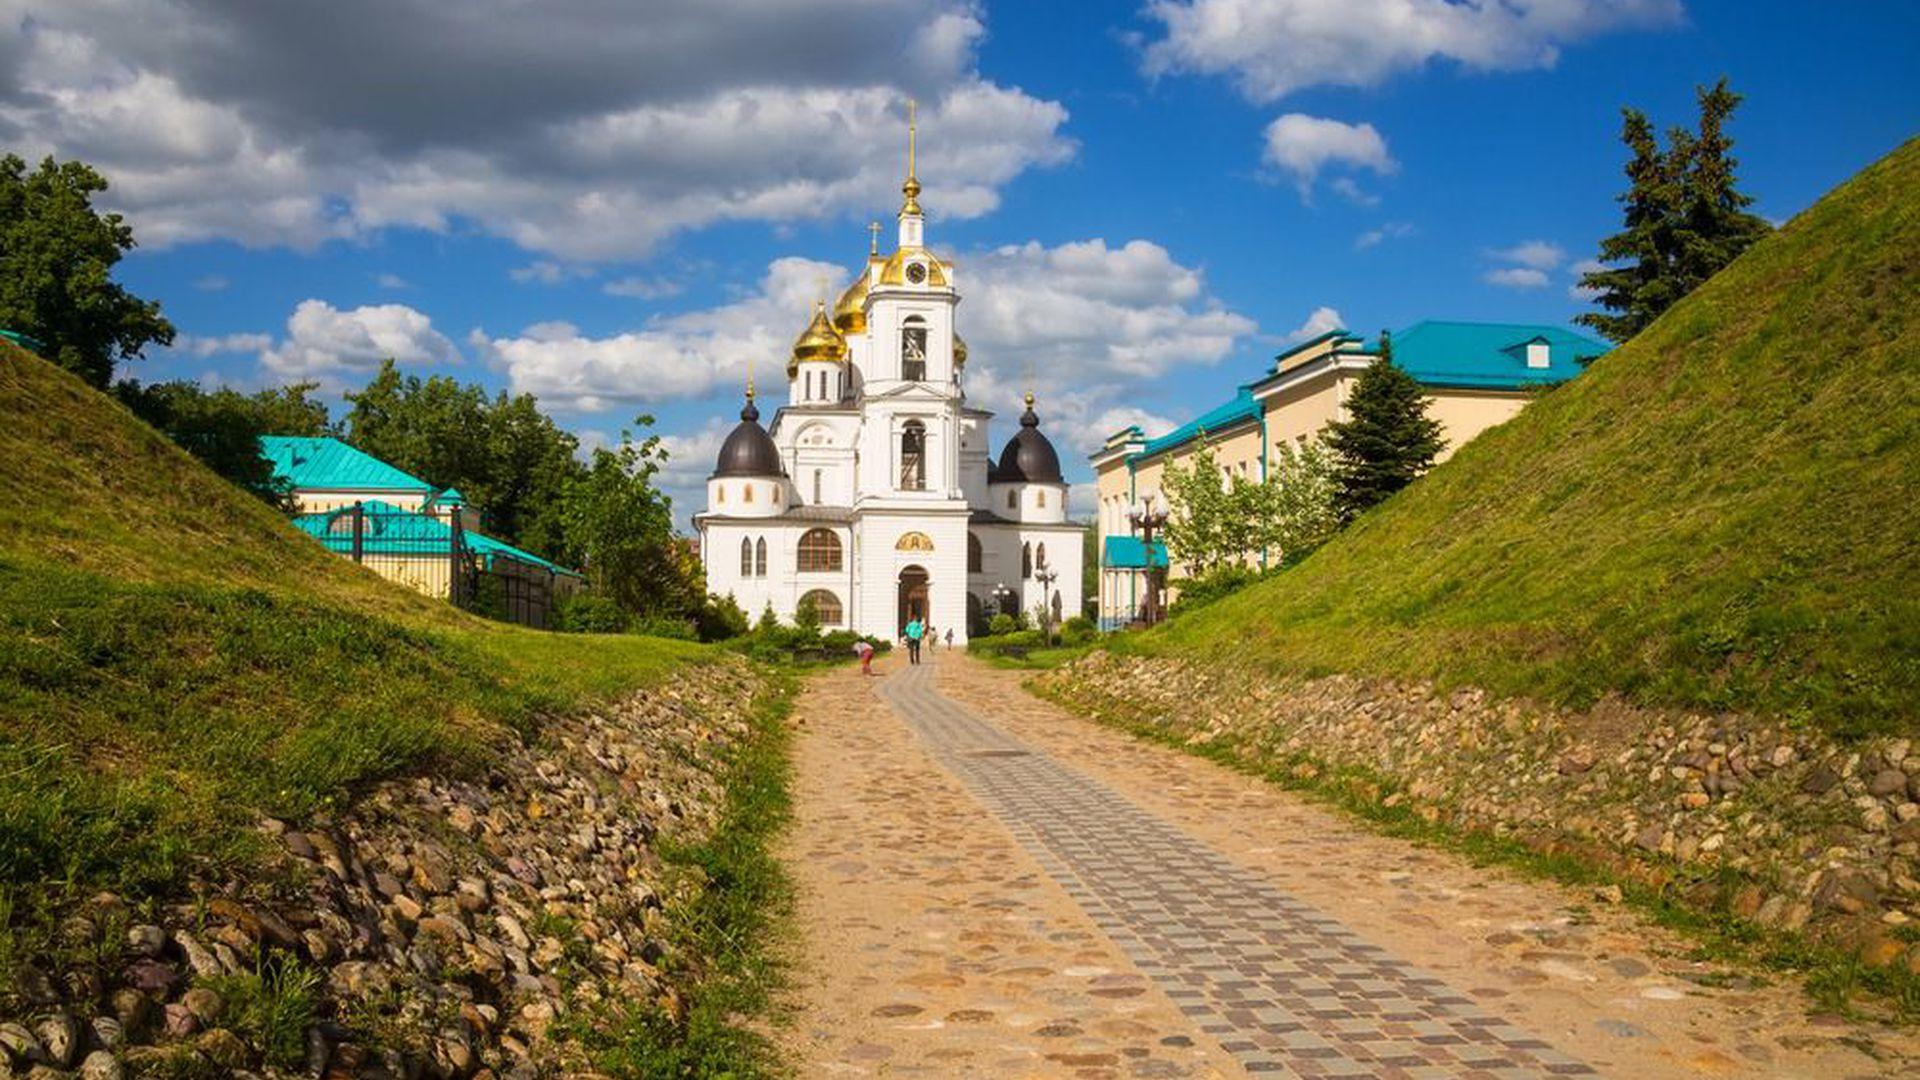 Дмитров: прогулка по старинному русскому городу с Ольгой Яковиной